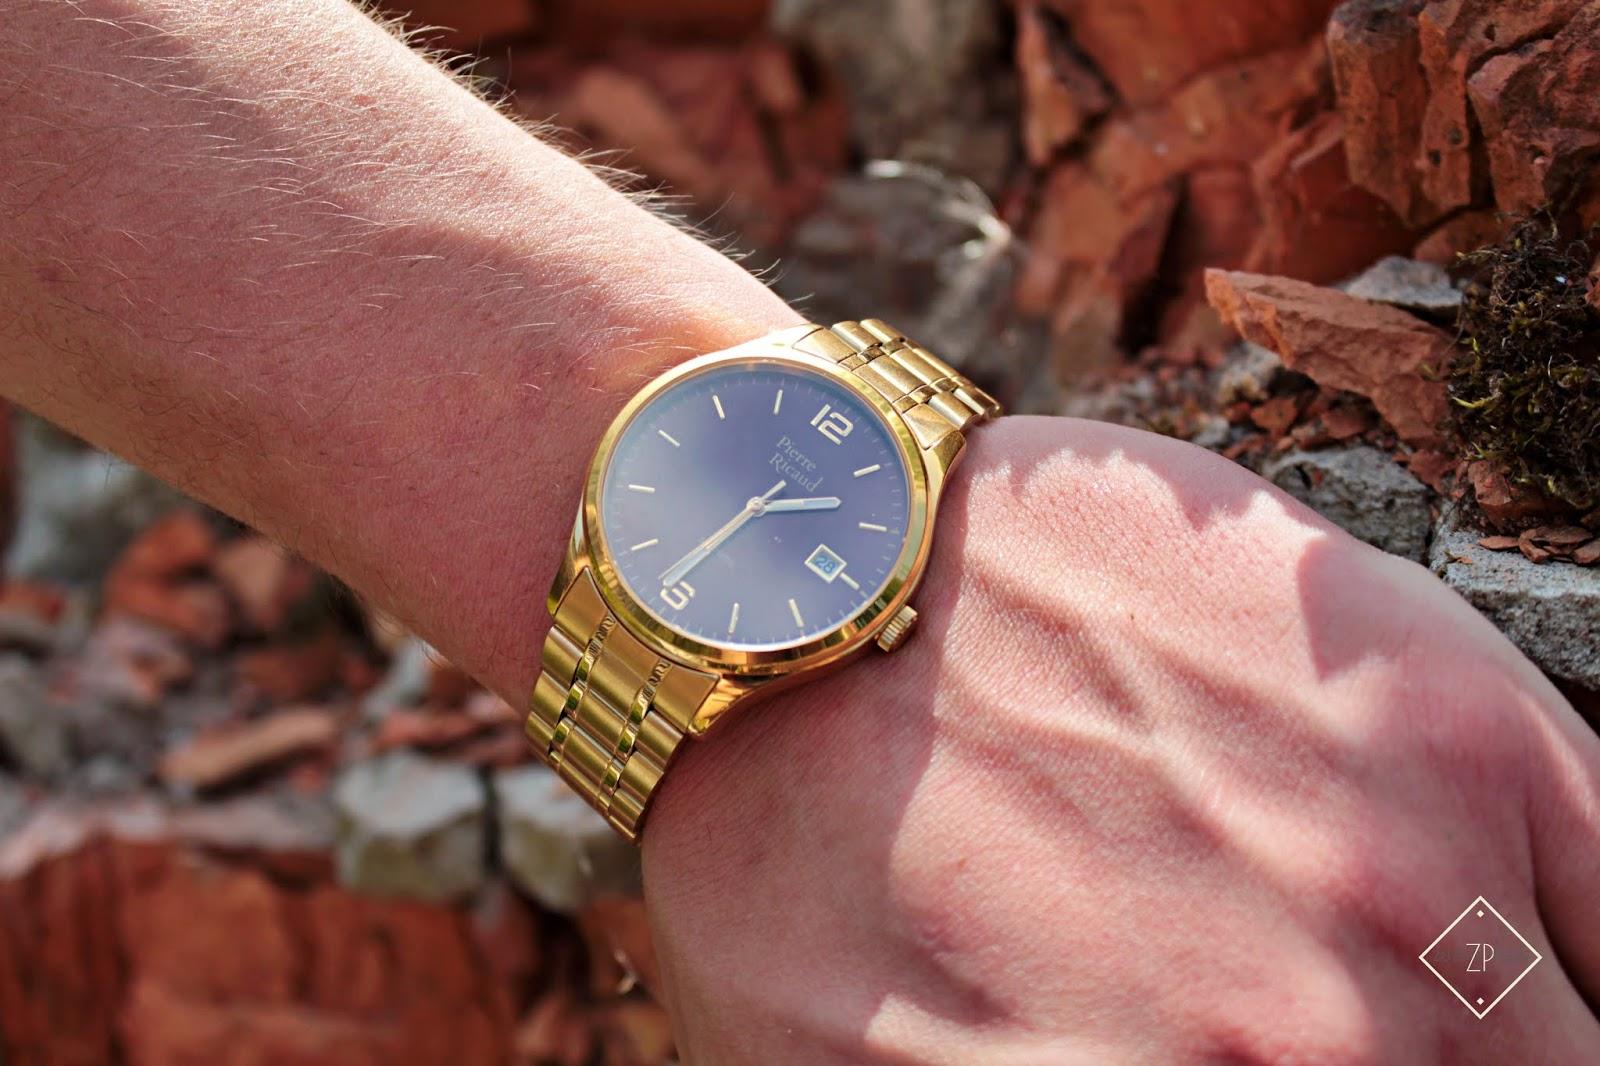 Zegarek męski Pierre Ricaud -  idealny na prezent dla niego